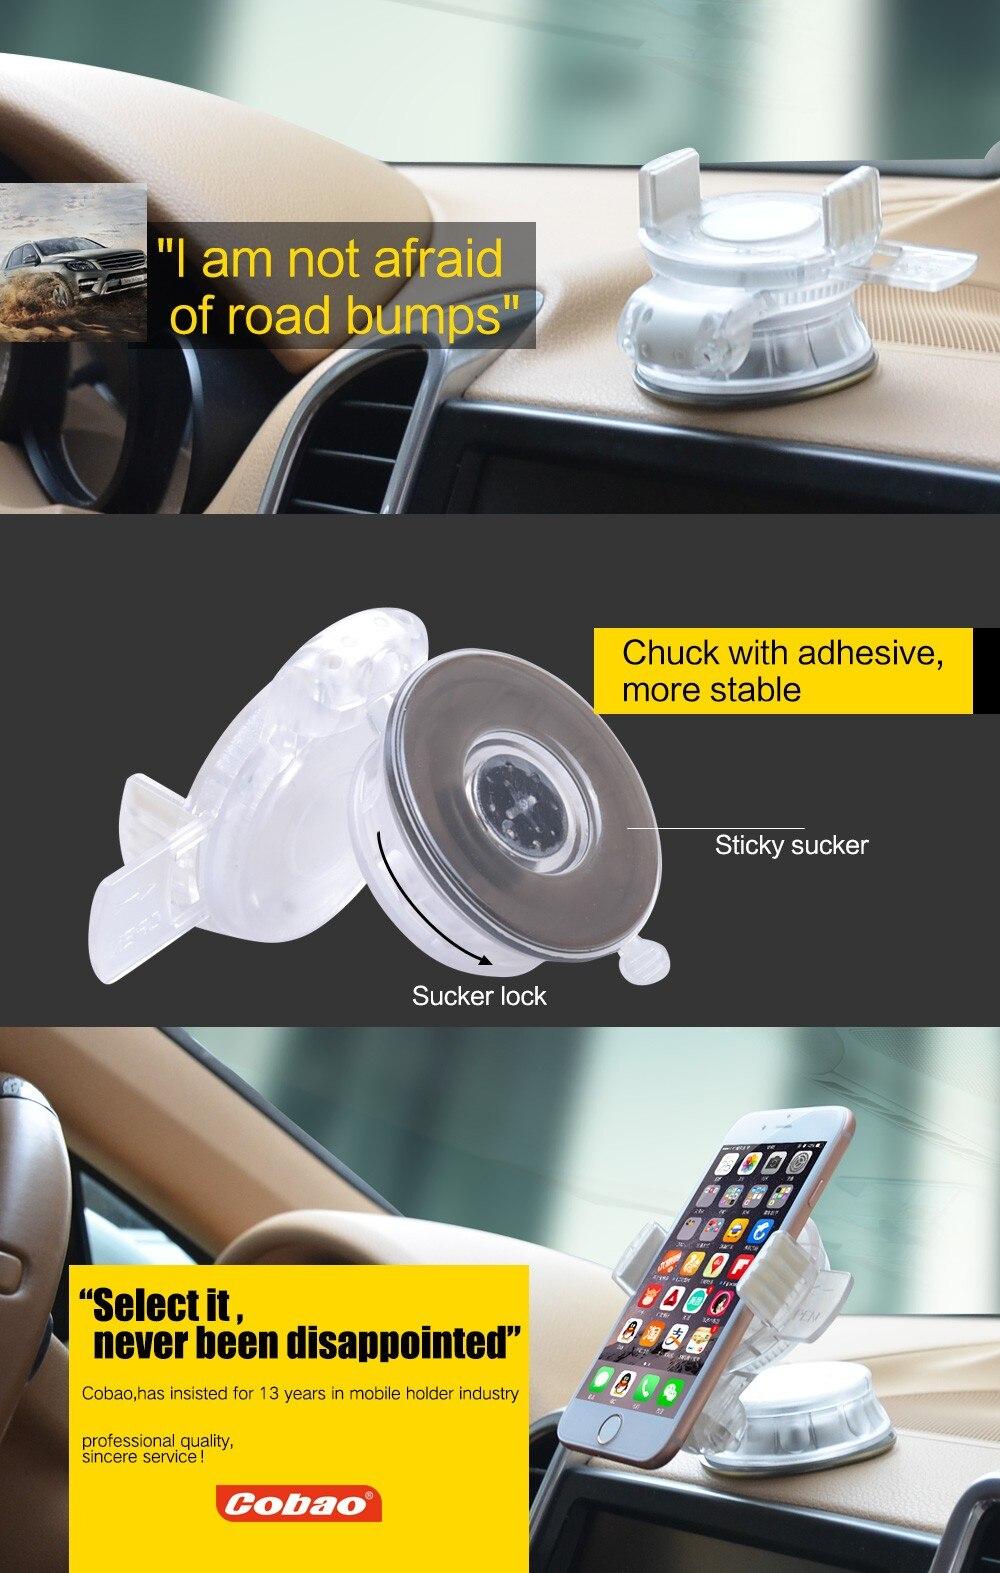 cobao כלי השולחן רכב רכוב טלפונים ניידים תמיכה מחזיק אוניברסלי שמשת הרכב שולט להחיל עבור iphone4/5/6splus